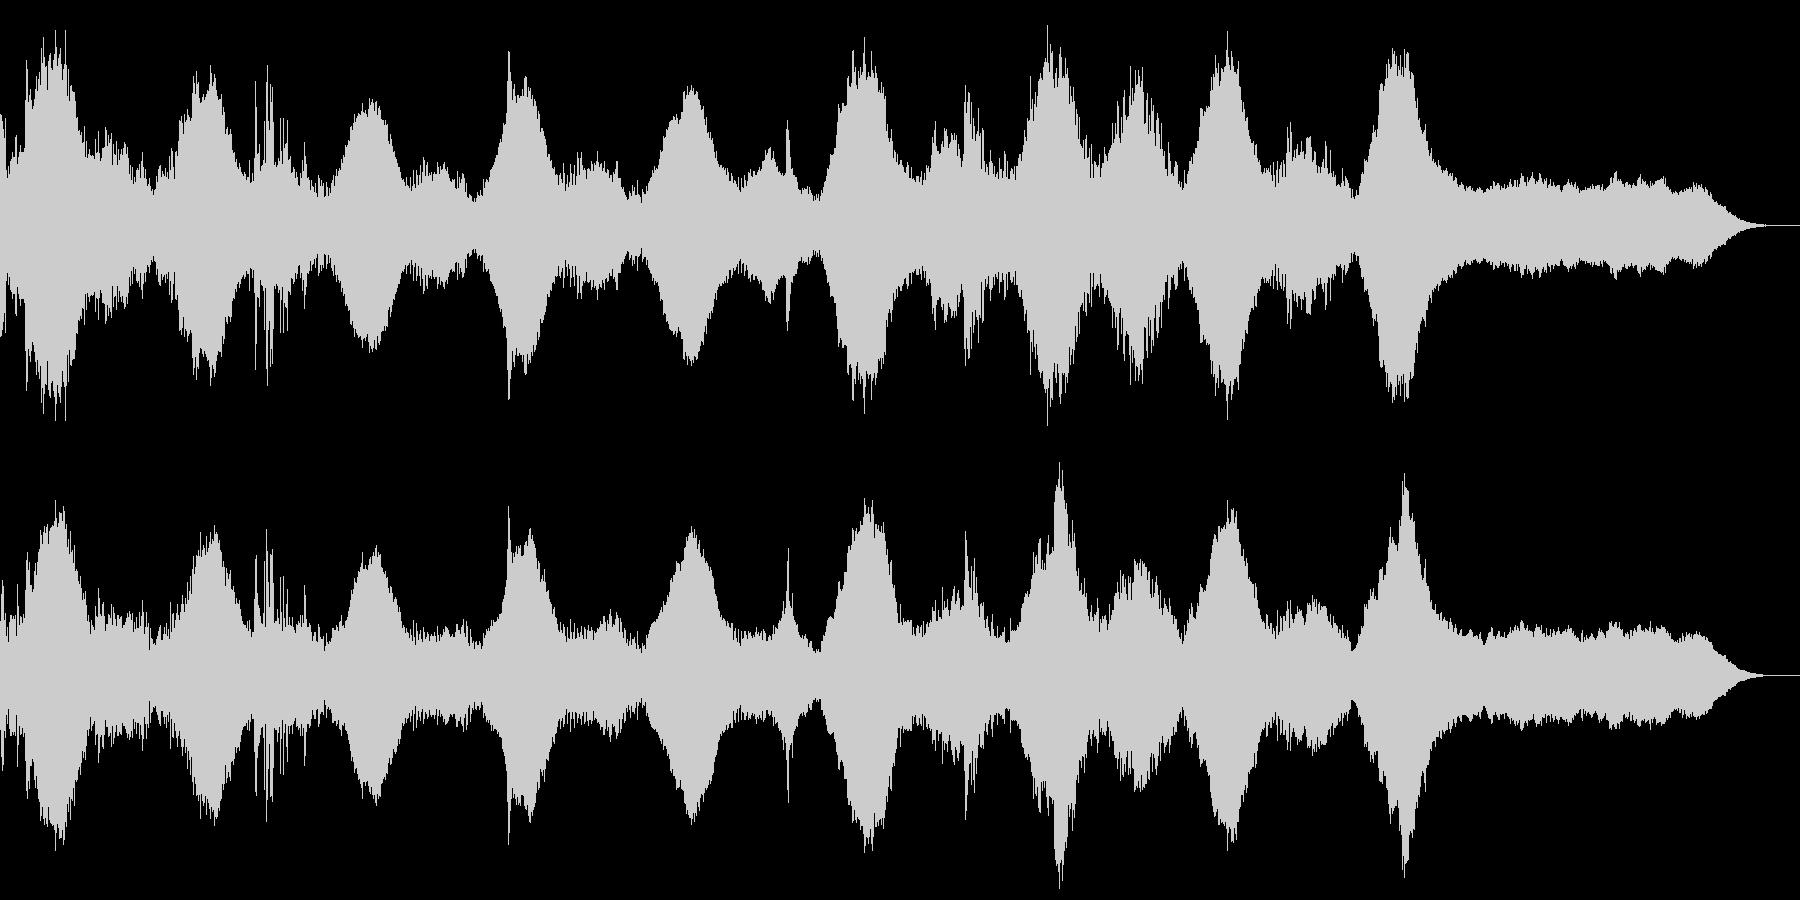 不気味なサウンドの未再生の波形